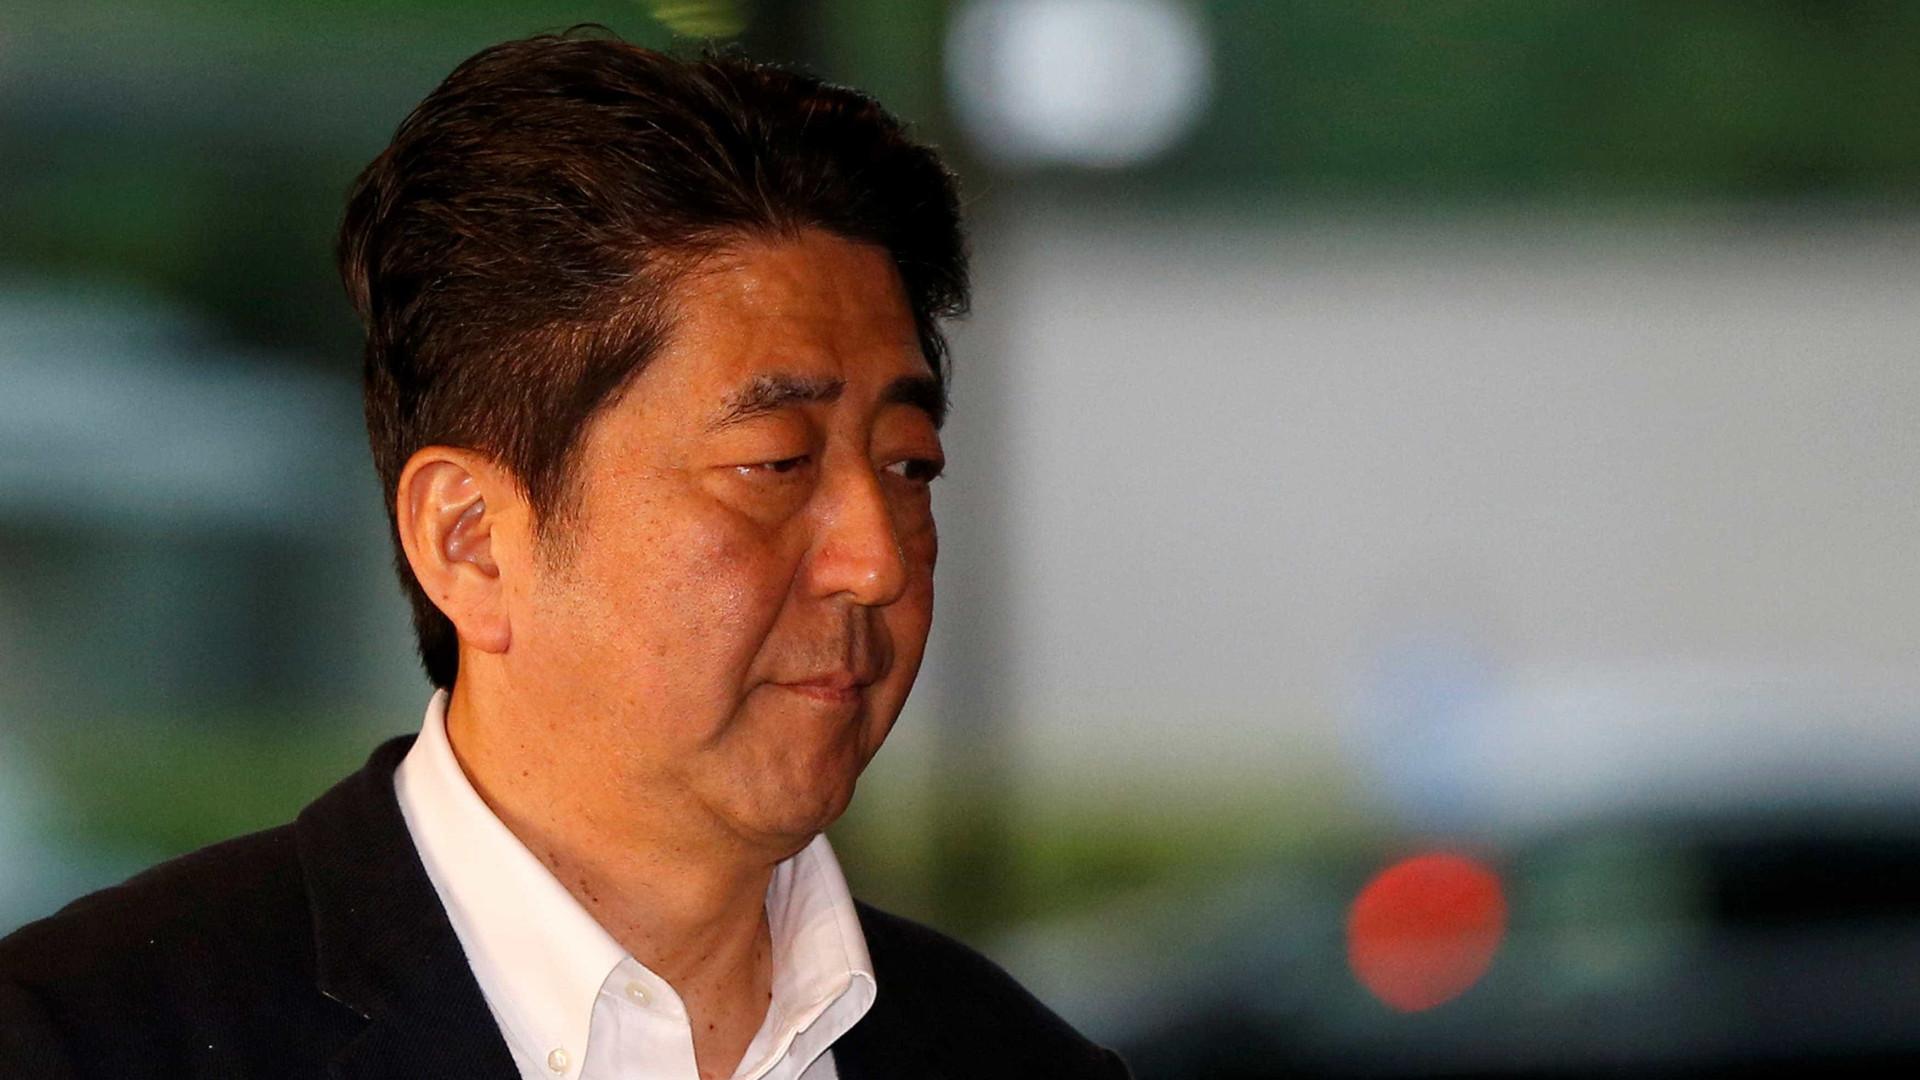 Primeiro-ministro deve convocar eleições gerais antecipadas em outubro